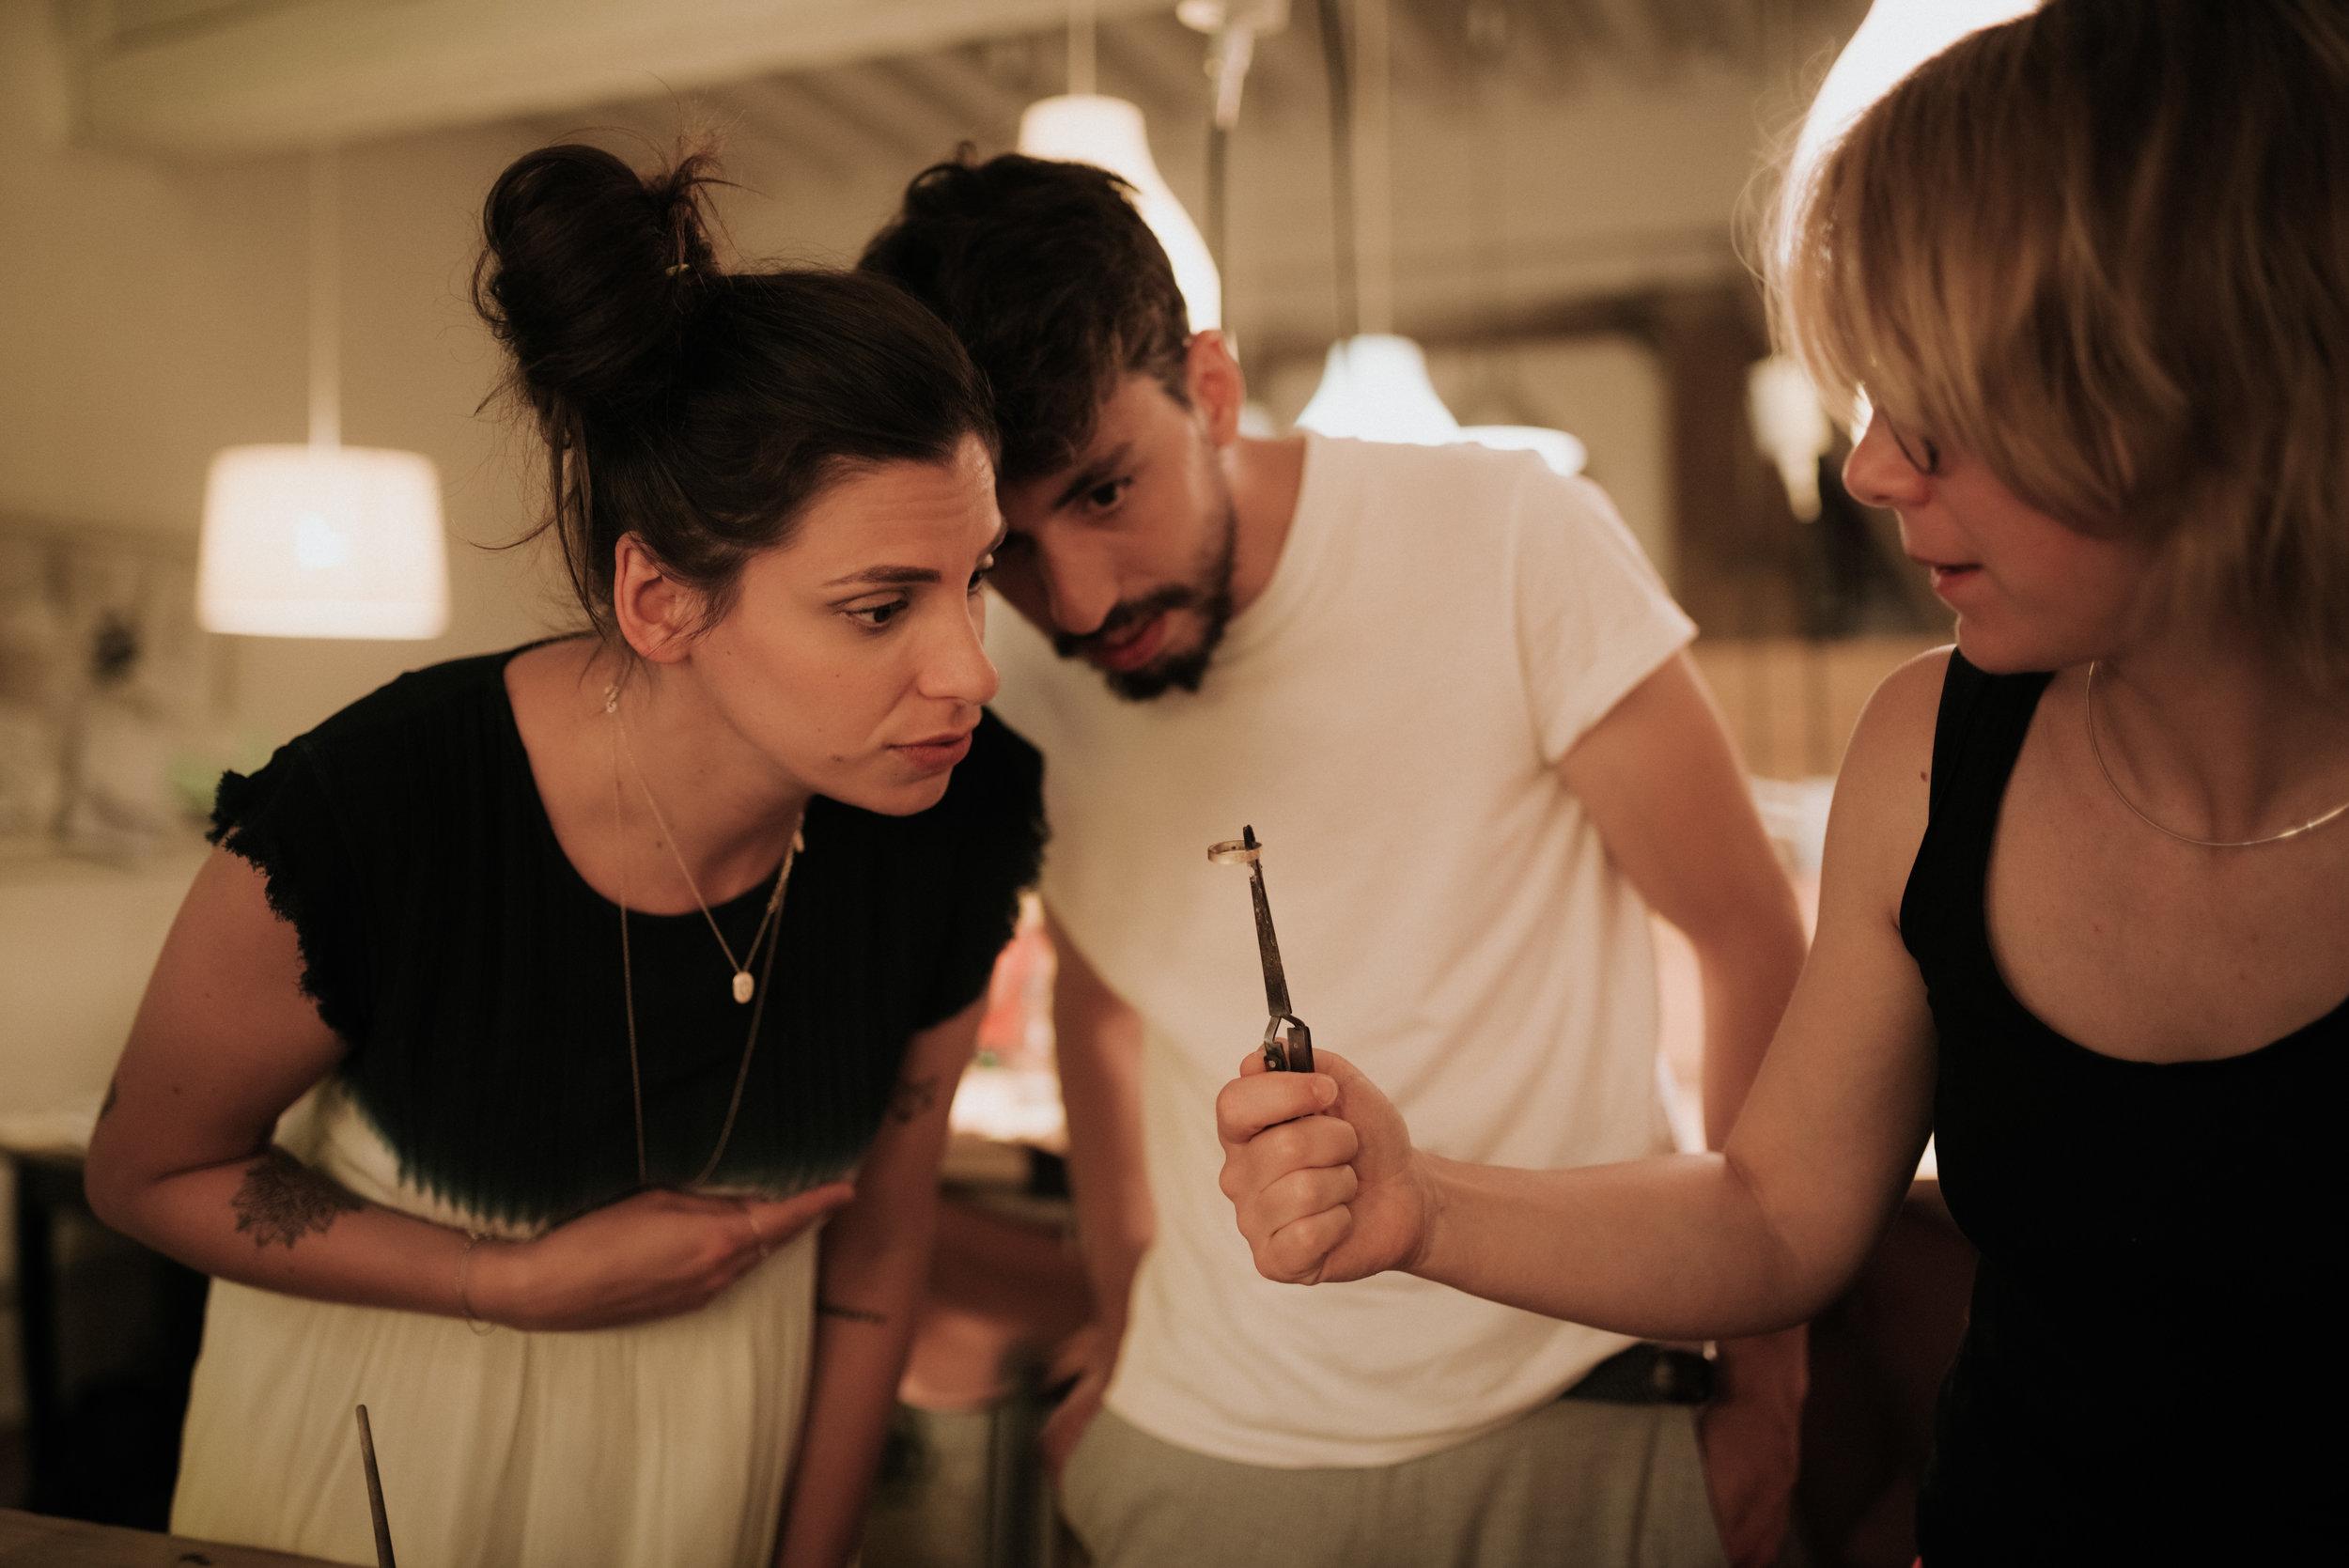 Léa-Fery-photographe-professionnel-lyon-rhone-alpes-portrait-creation-mariage-evenement-evenementiel-famille-9023.jpg